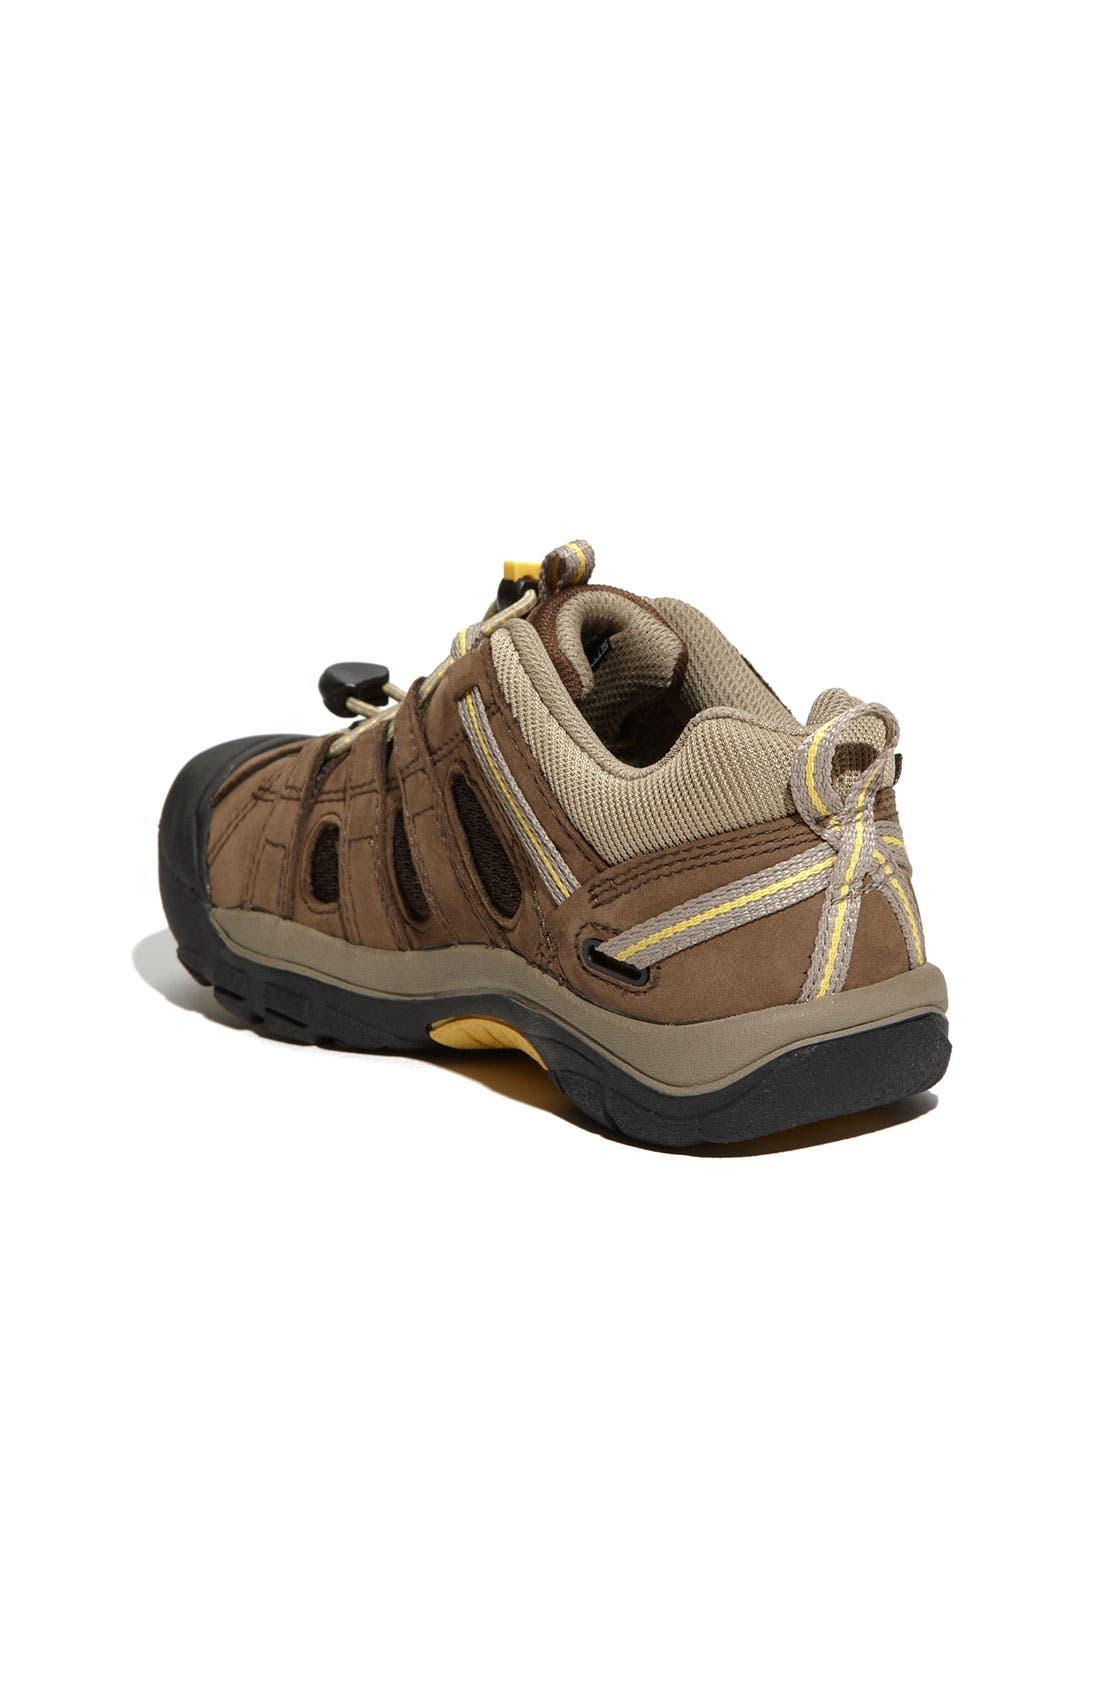 Alternate Image 2  - Keen 'Skyline' Waterproof Shoe (Toddler, Little Kid & Big Kid)